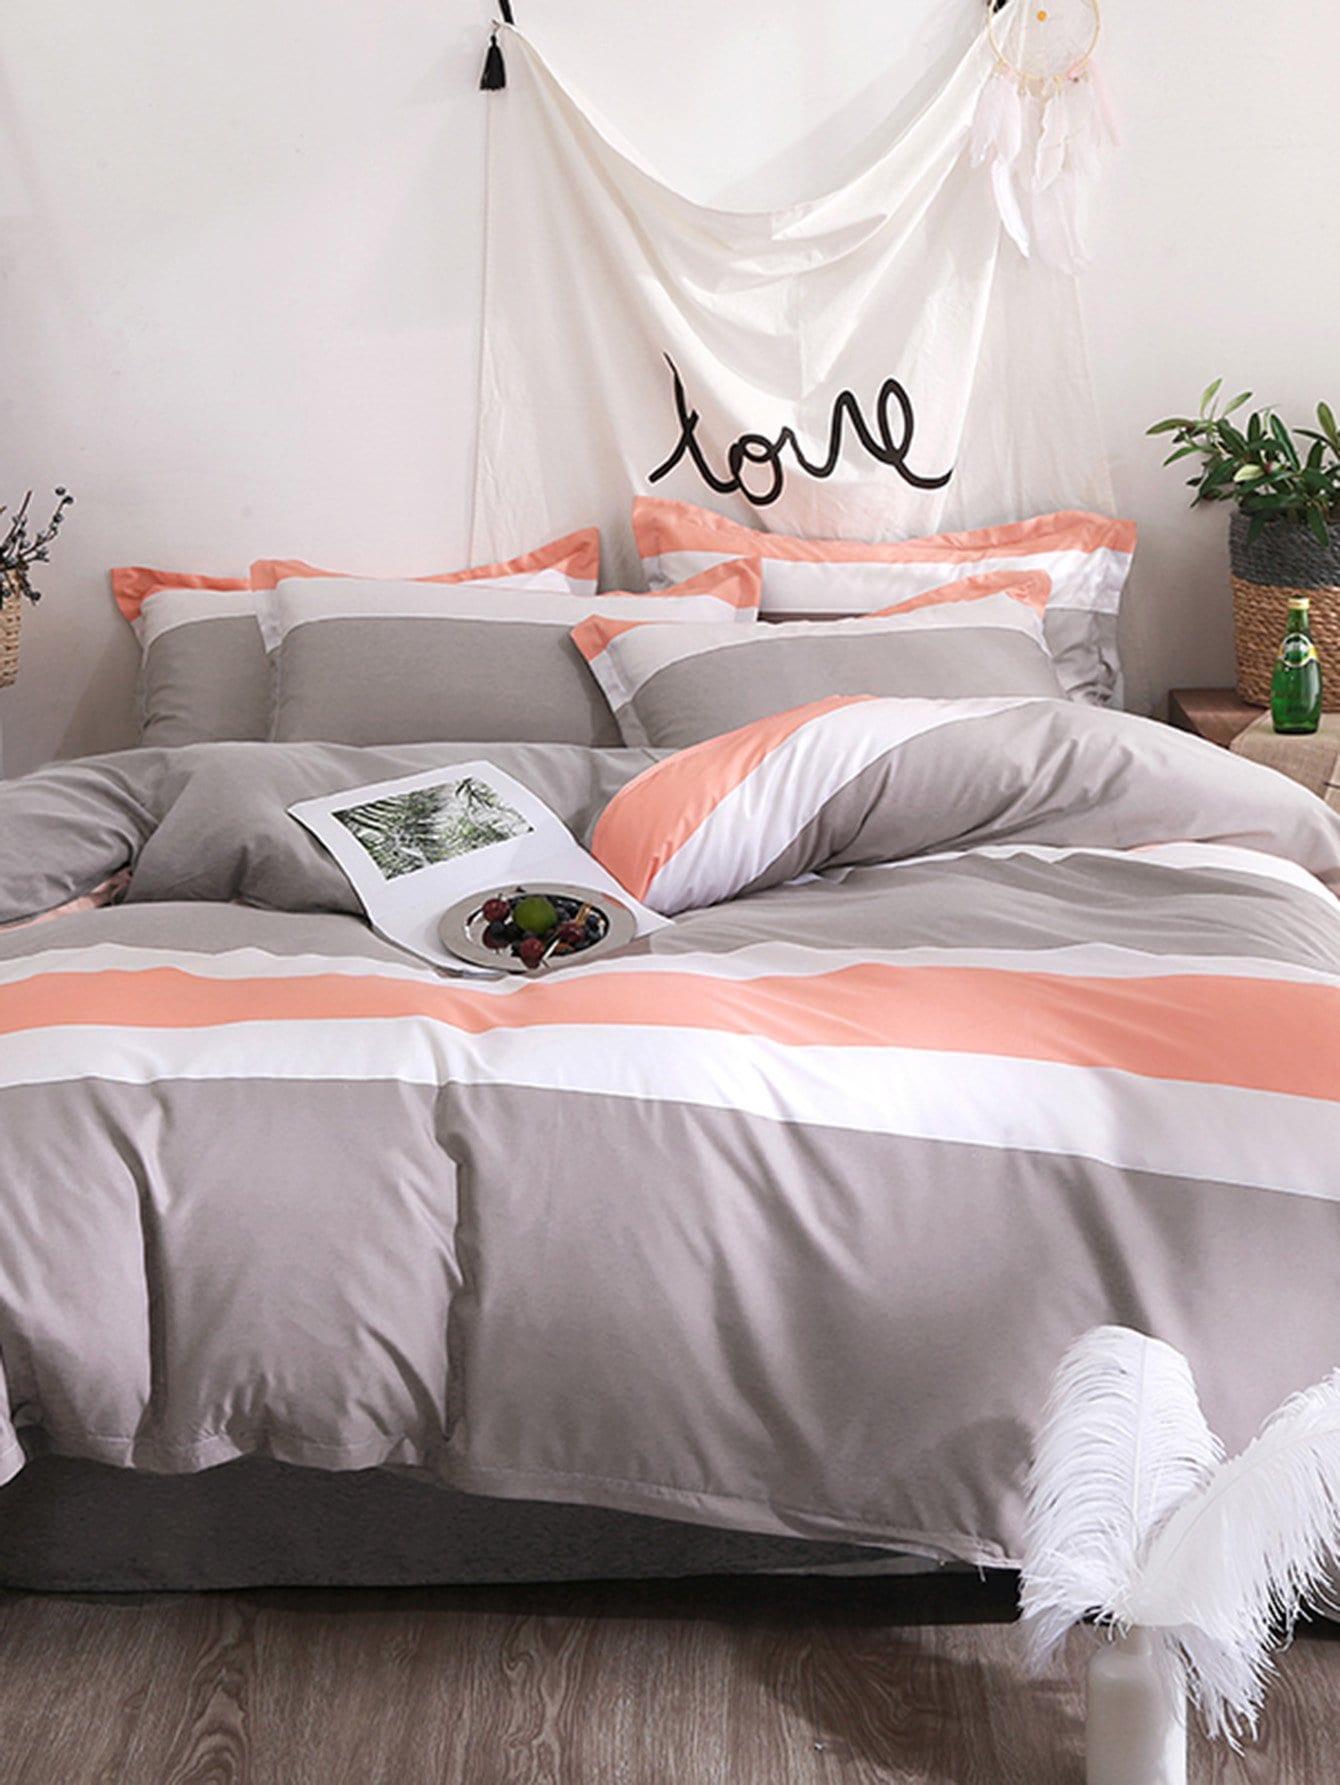 Купить Комплект для кровати с принтом полоски и кактус, null, SheIn